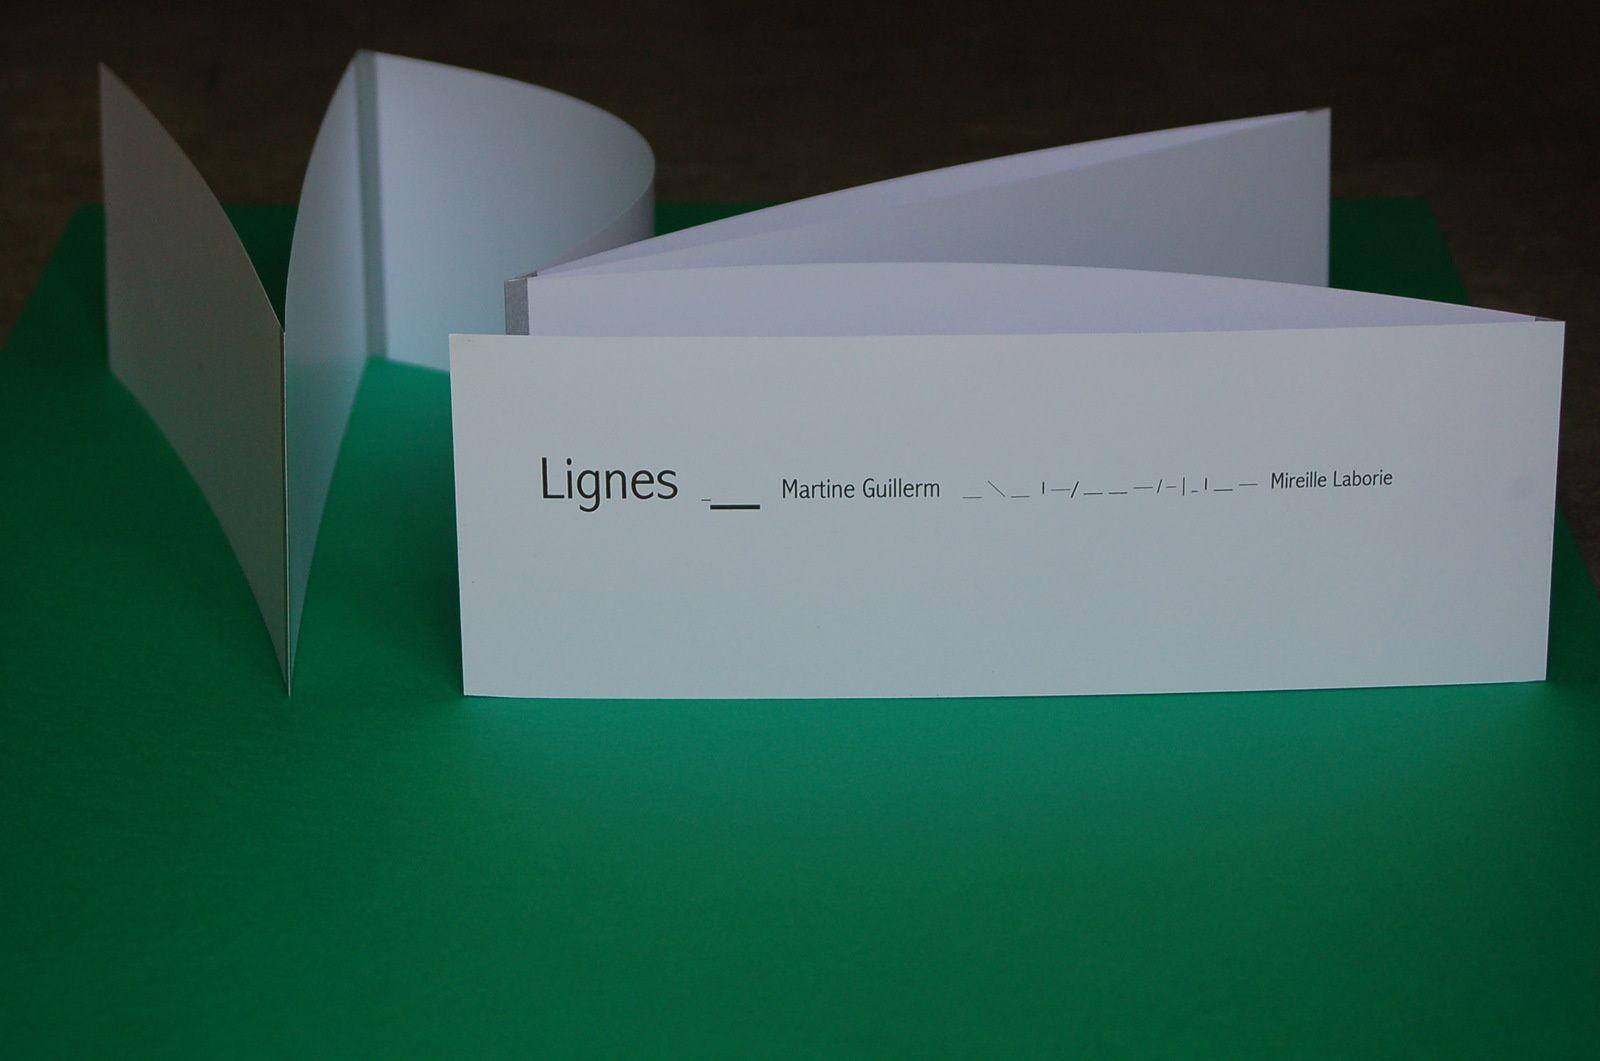 """LIGNES Texte de Martine Guillerm.Conception et réalisation Mireille Laborie. Edité en 7 exemplaires """"Atelier Chatmalou"""""""